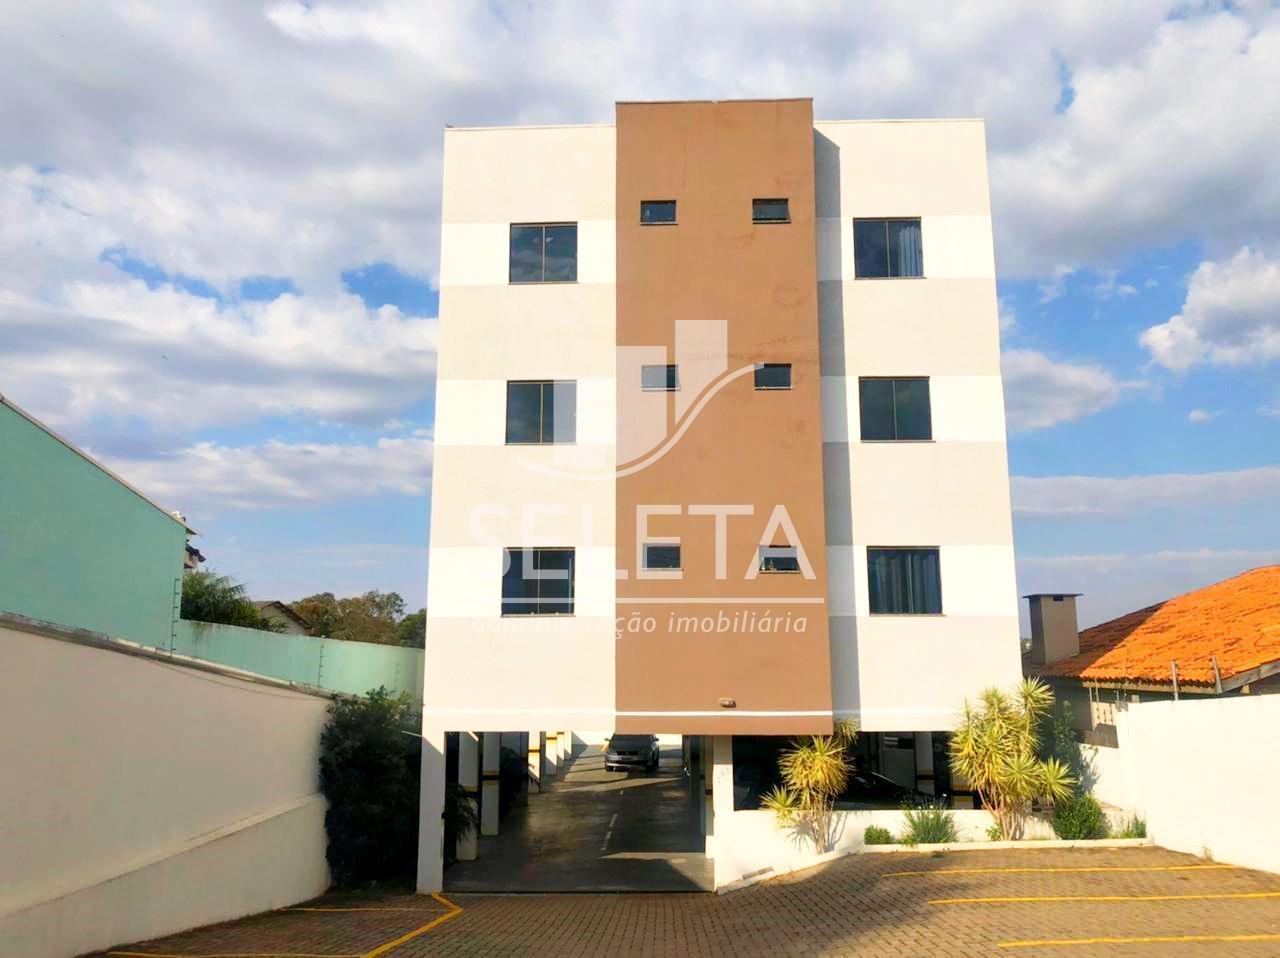 Apartamento com 2 dormitórios para locação, Maria Luiza, CASCA...